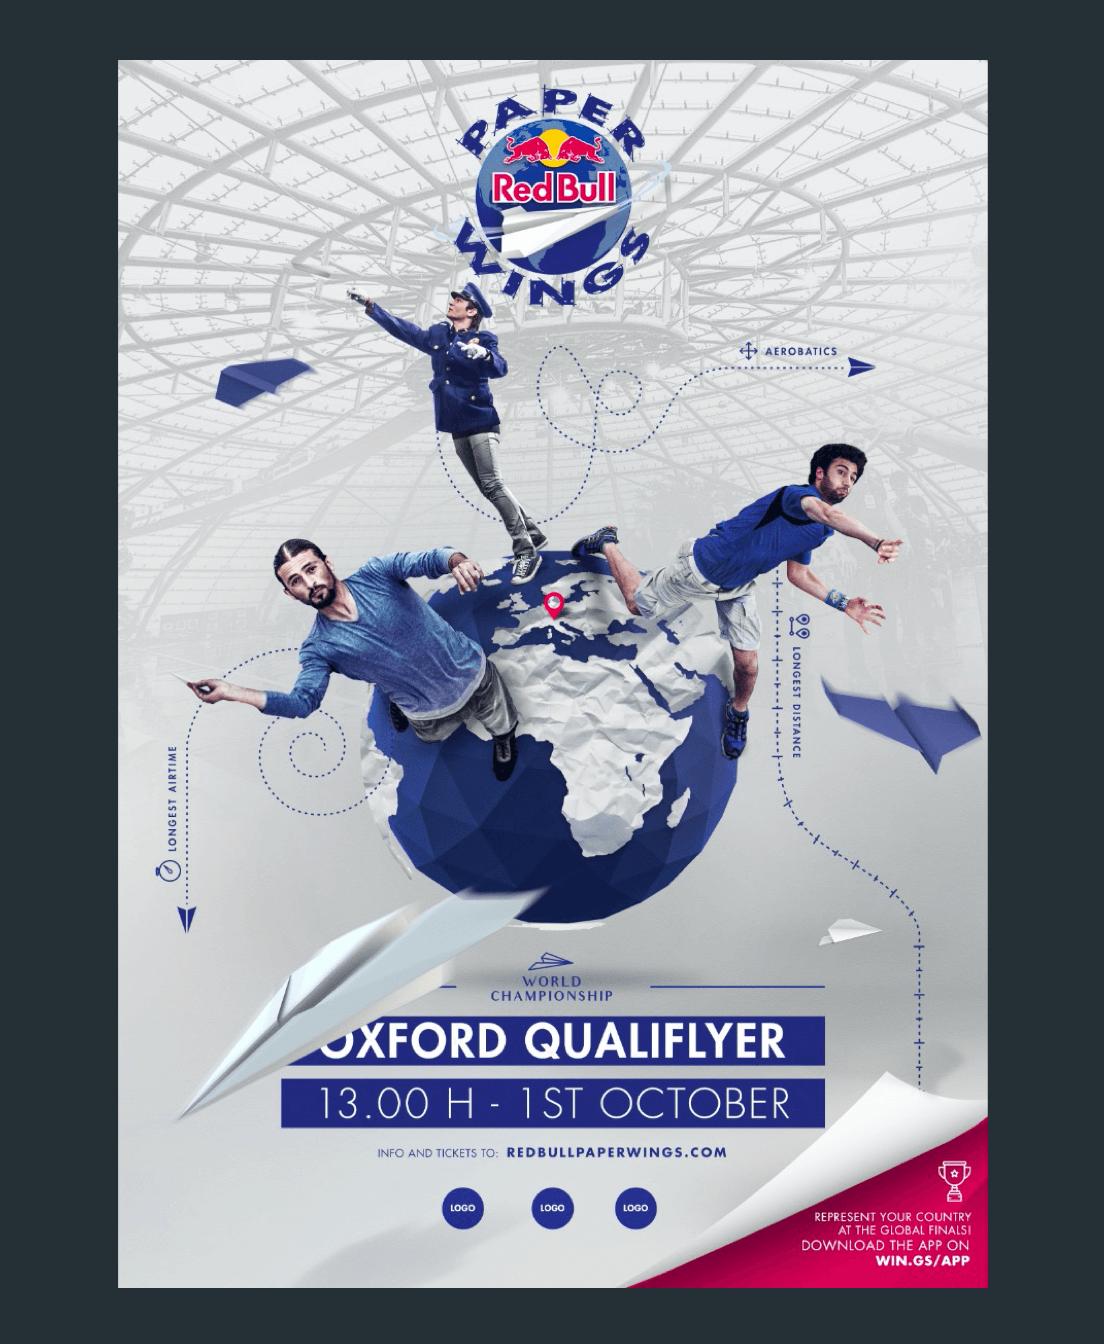 The Red Bull Paper Wings key visual artwork